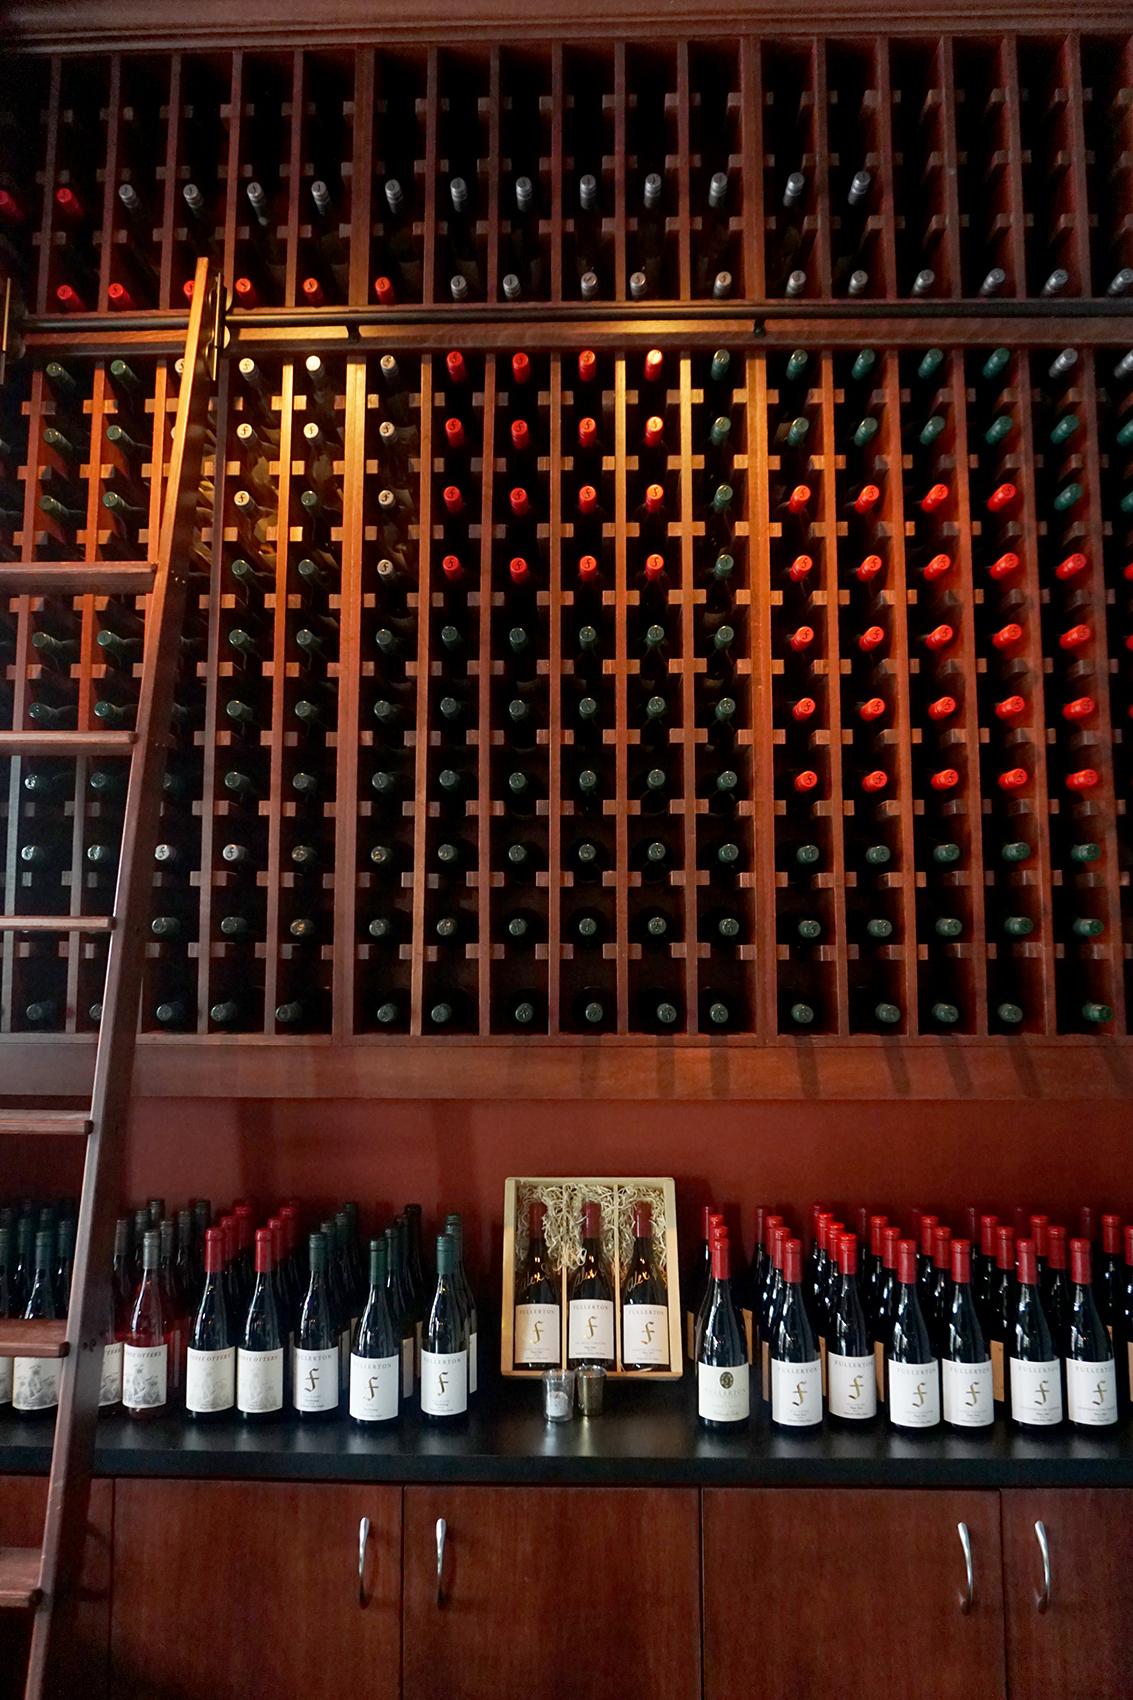 Fullerton-Wines-wine-wall.JPG